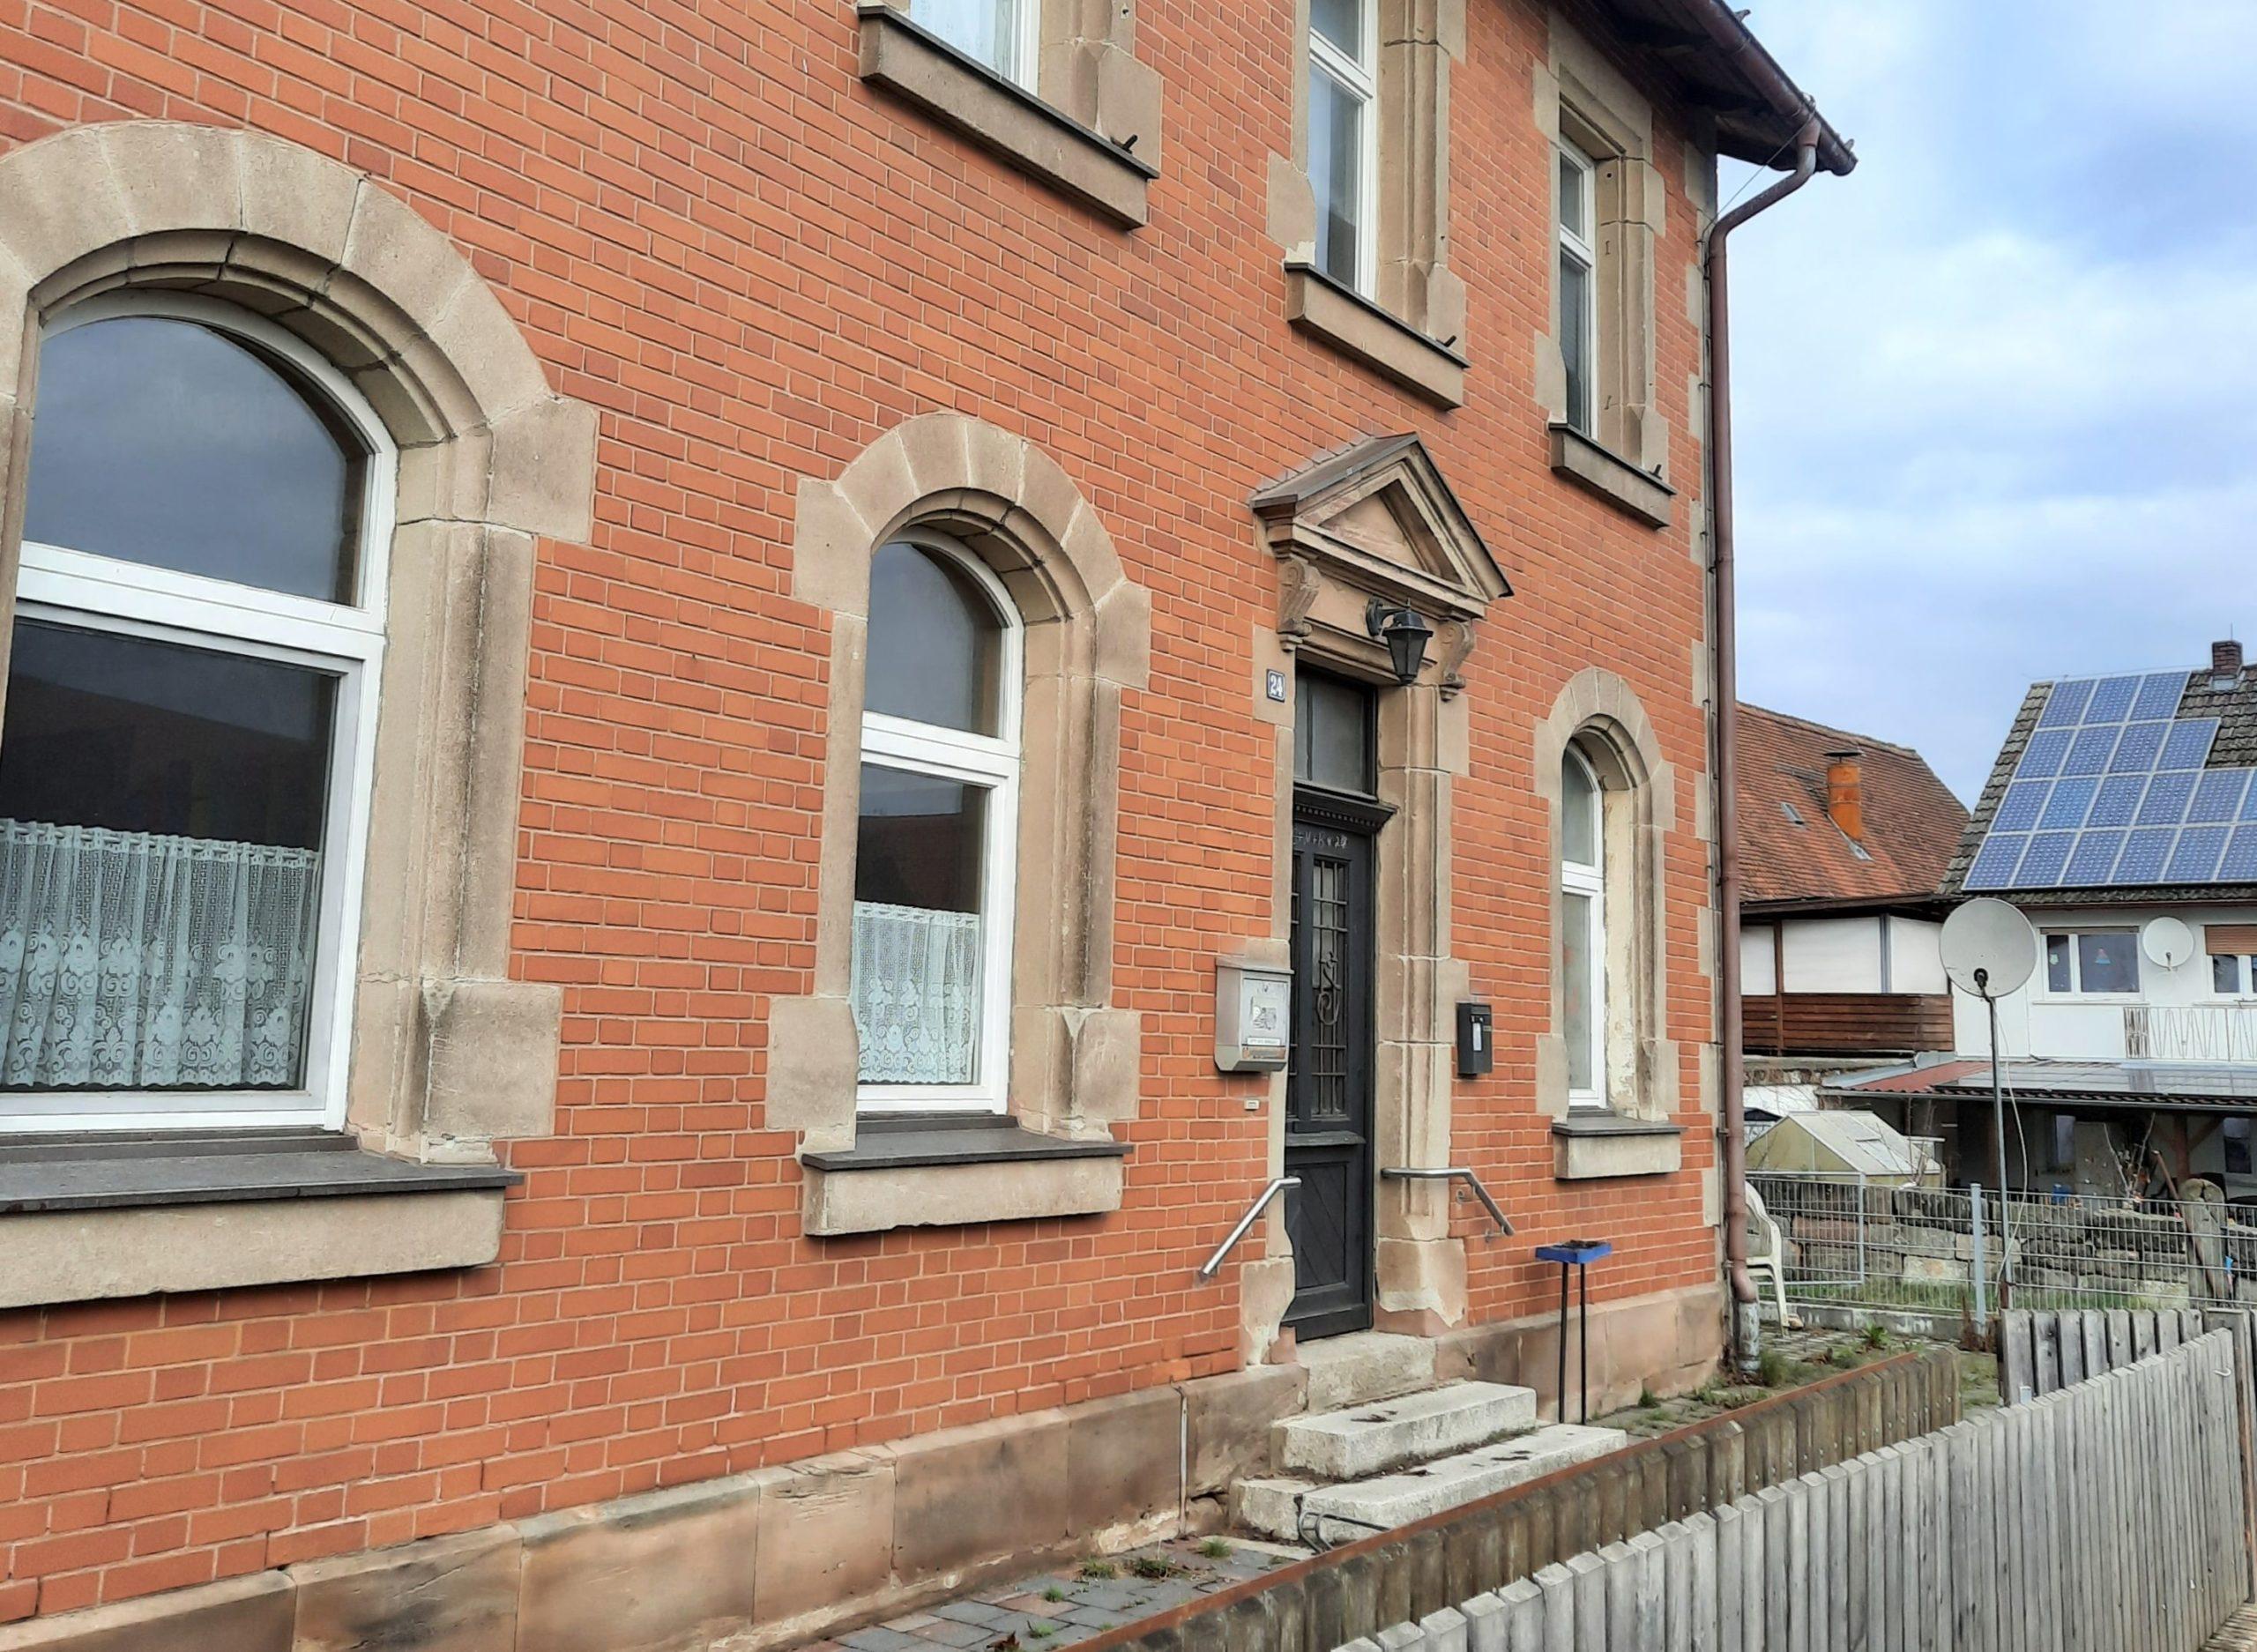 Eingangsbereich Backsteinhaus mit Bogenfenstern